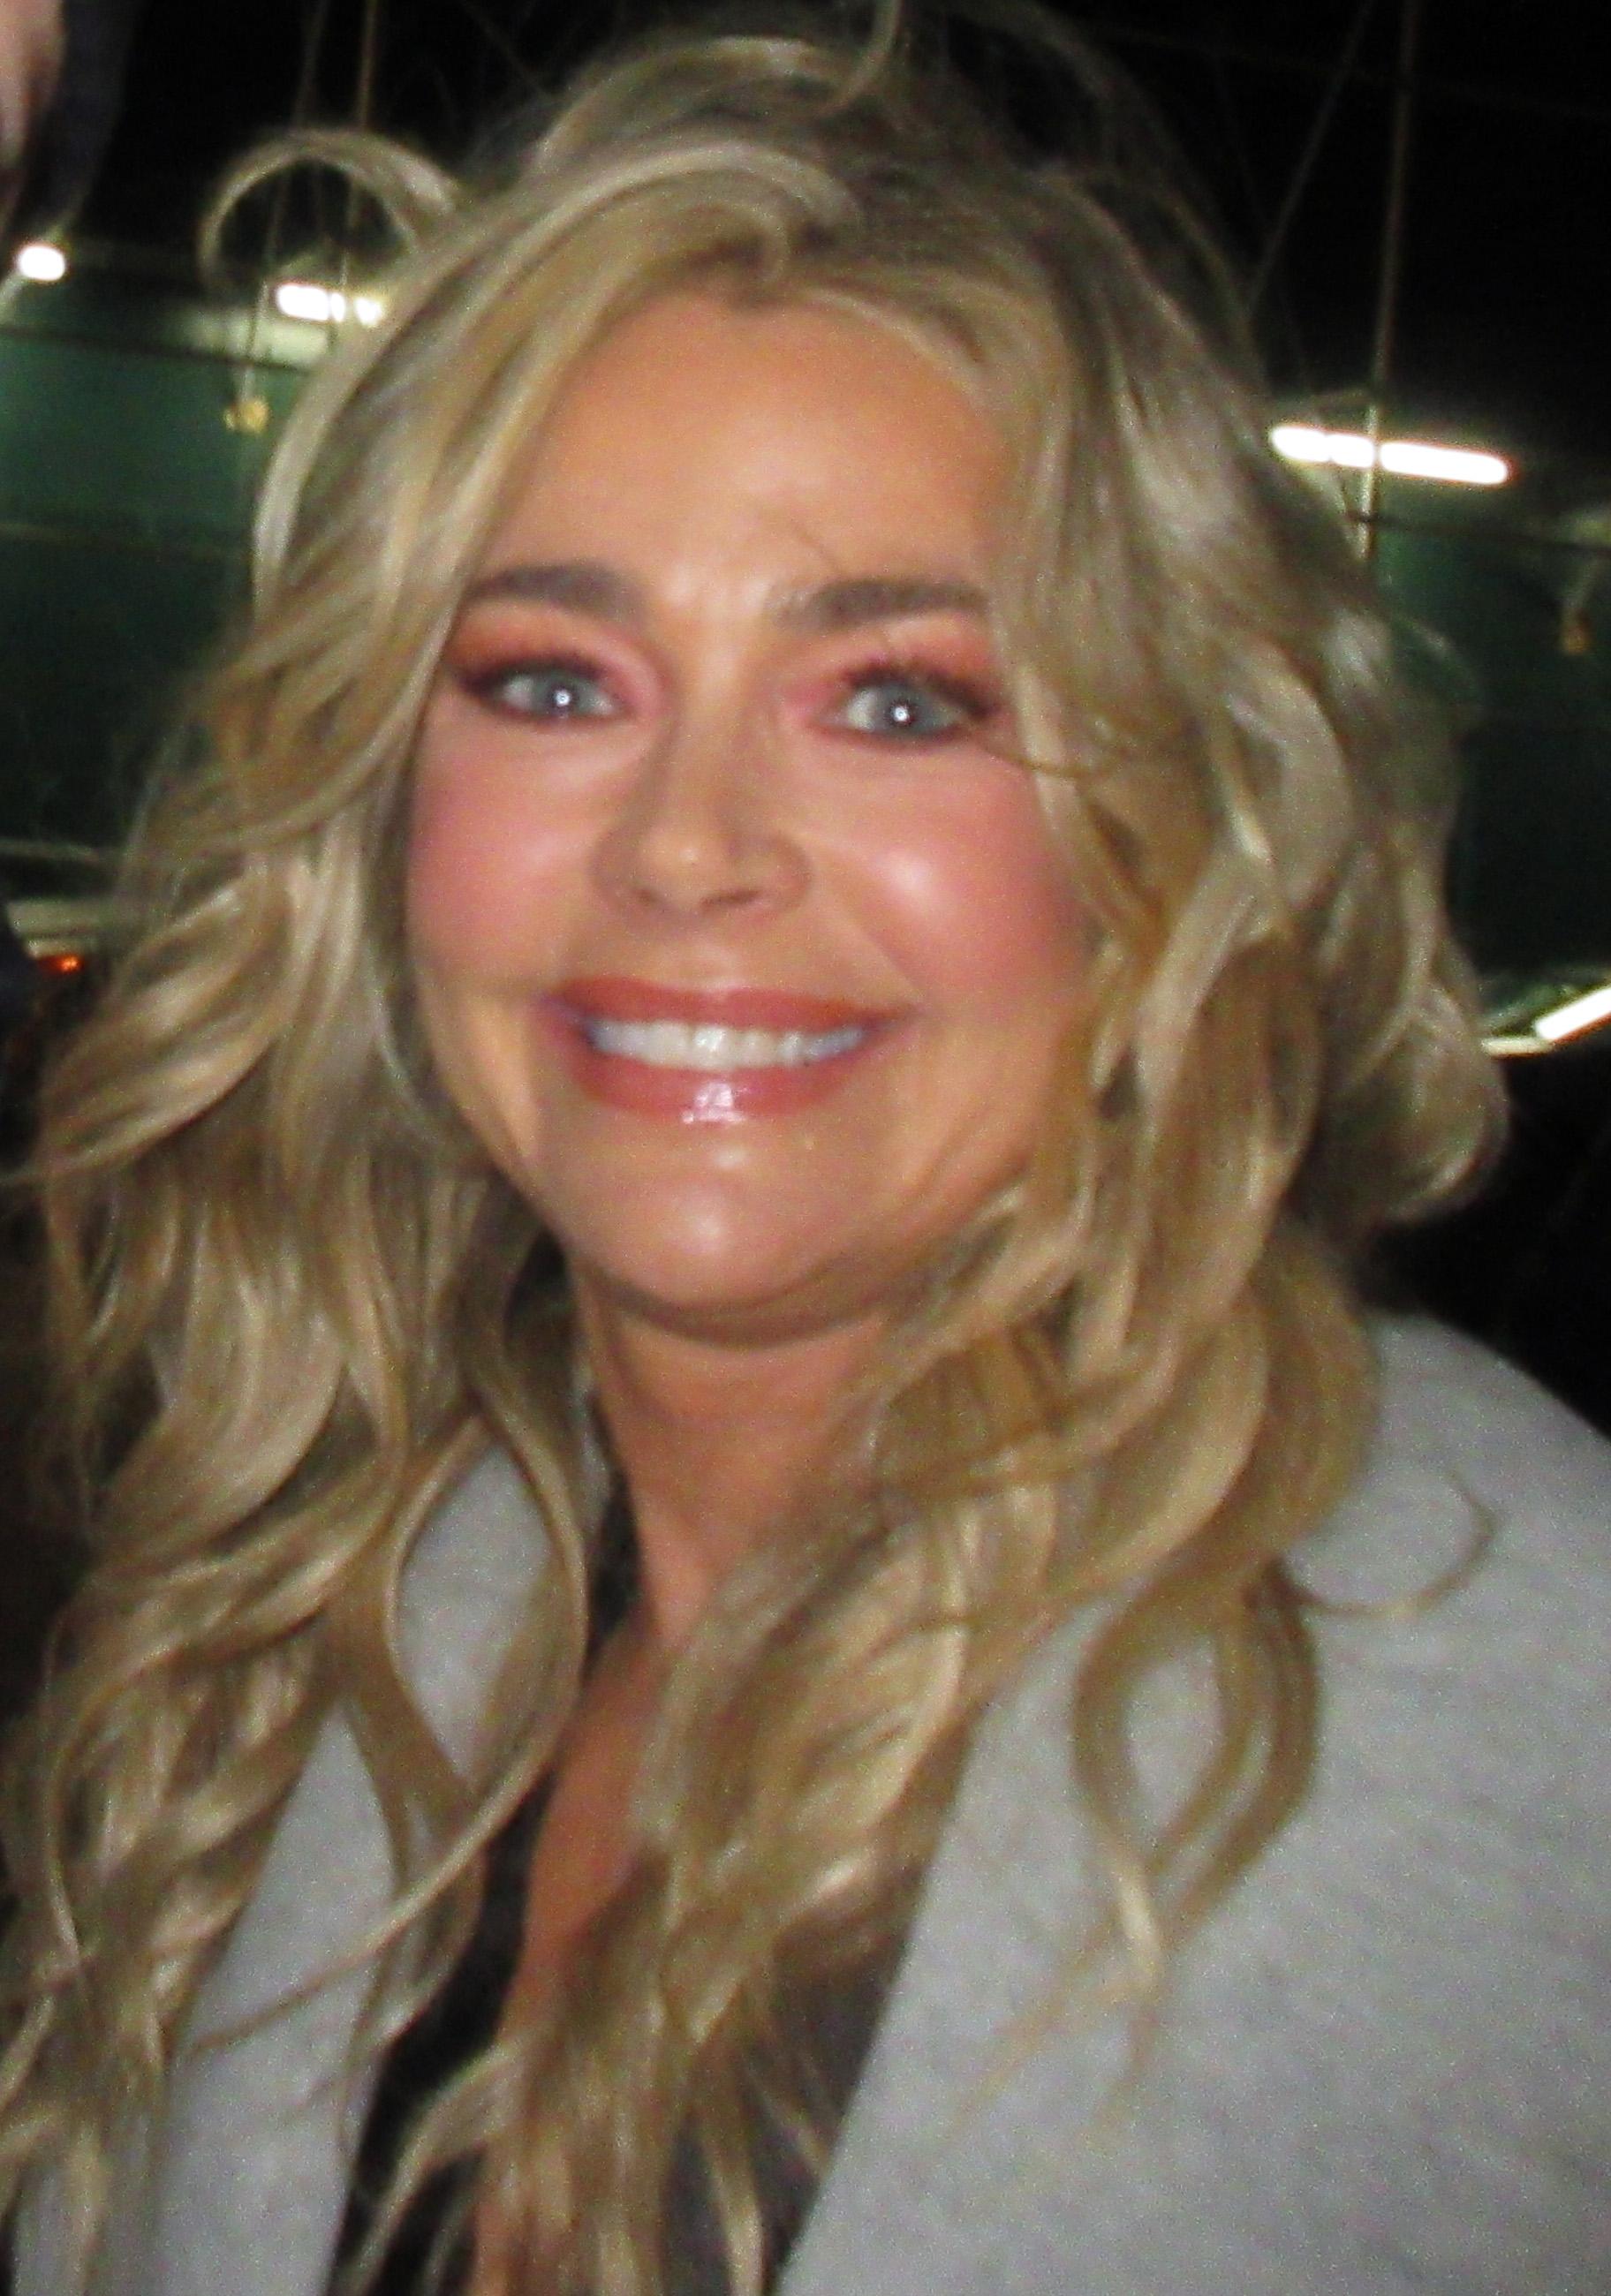 Denise Richards - Wikipedia